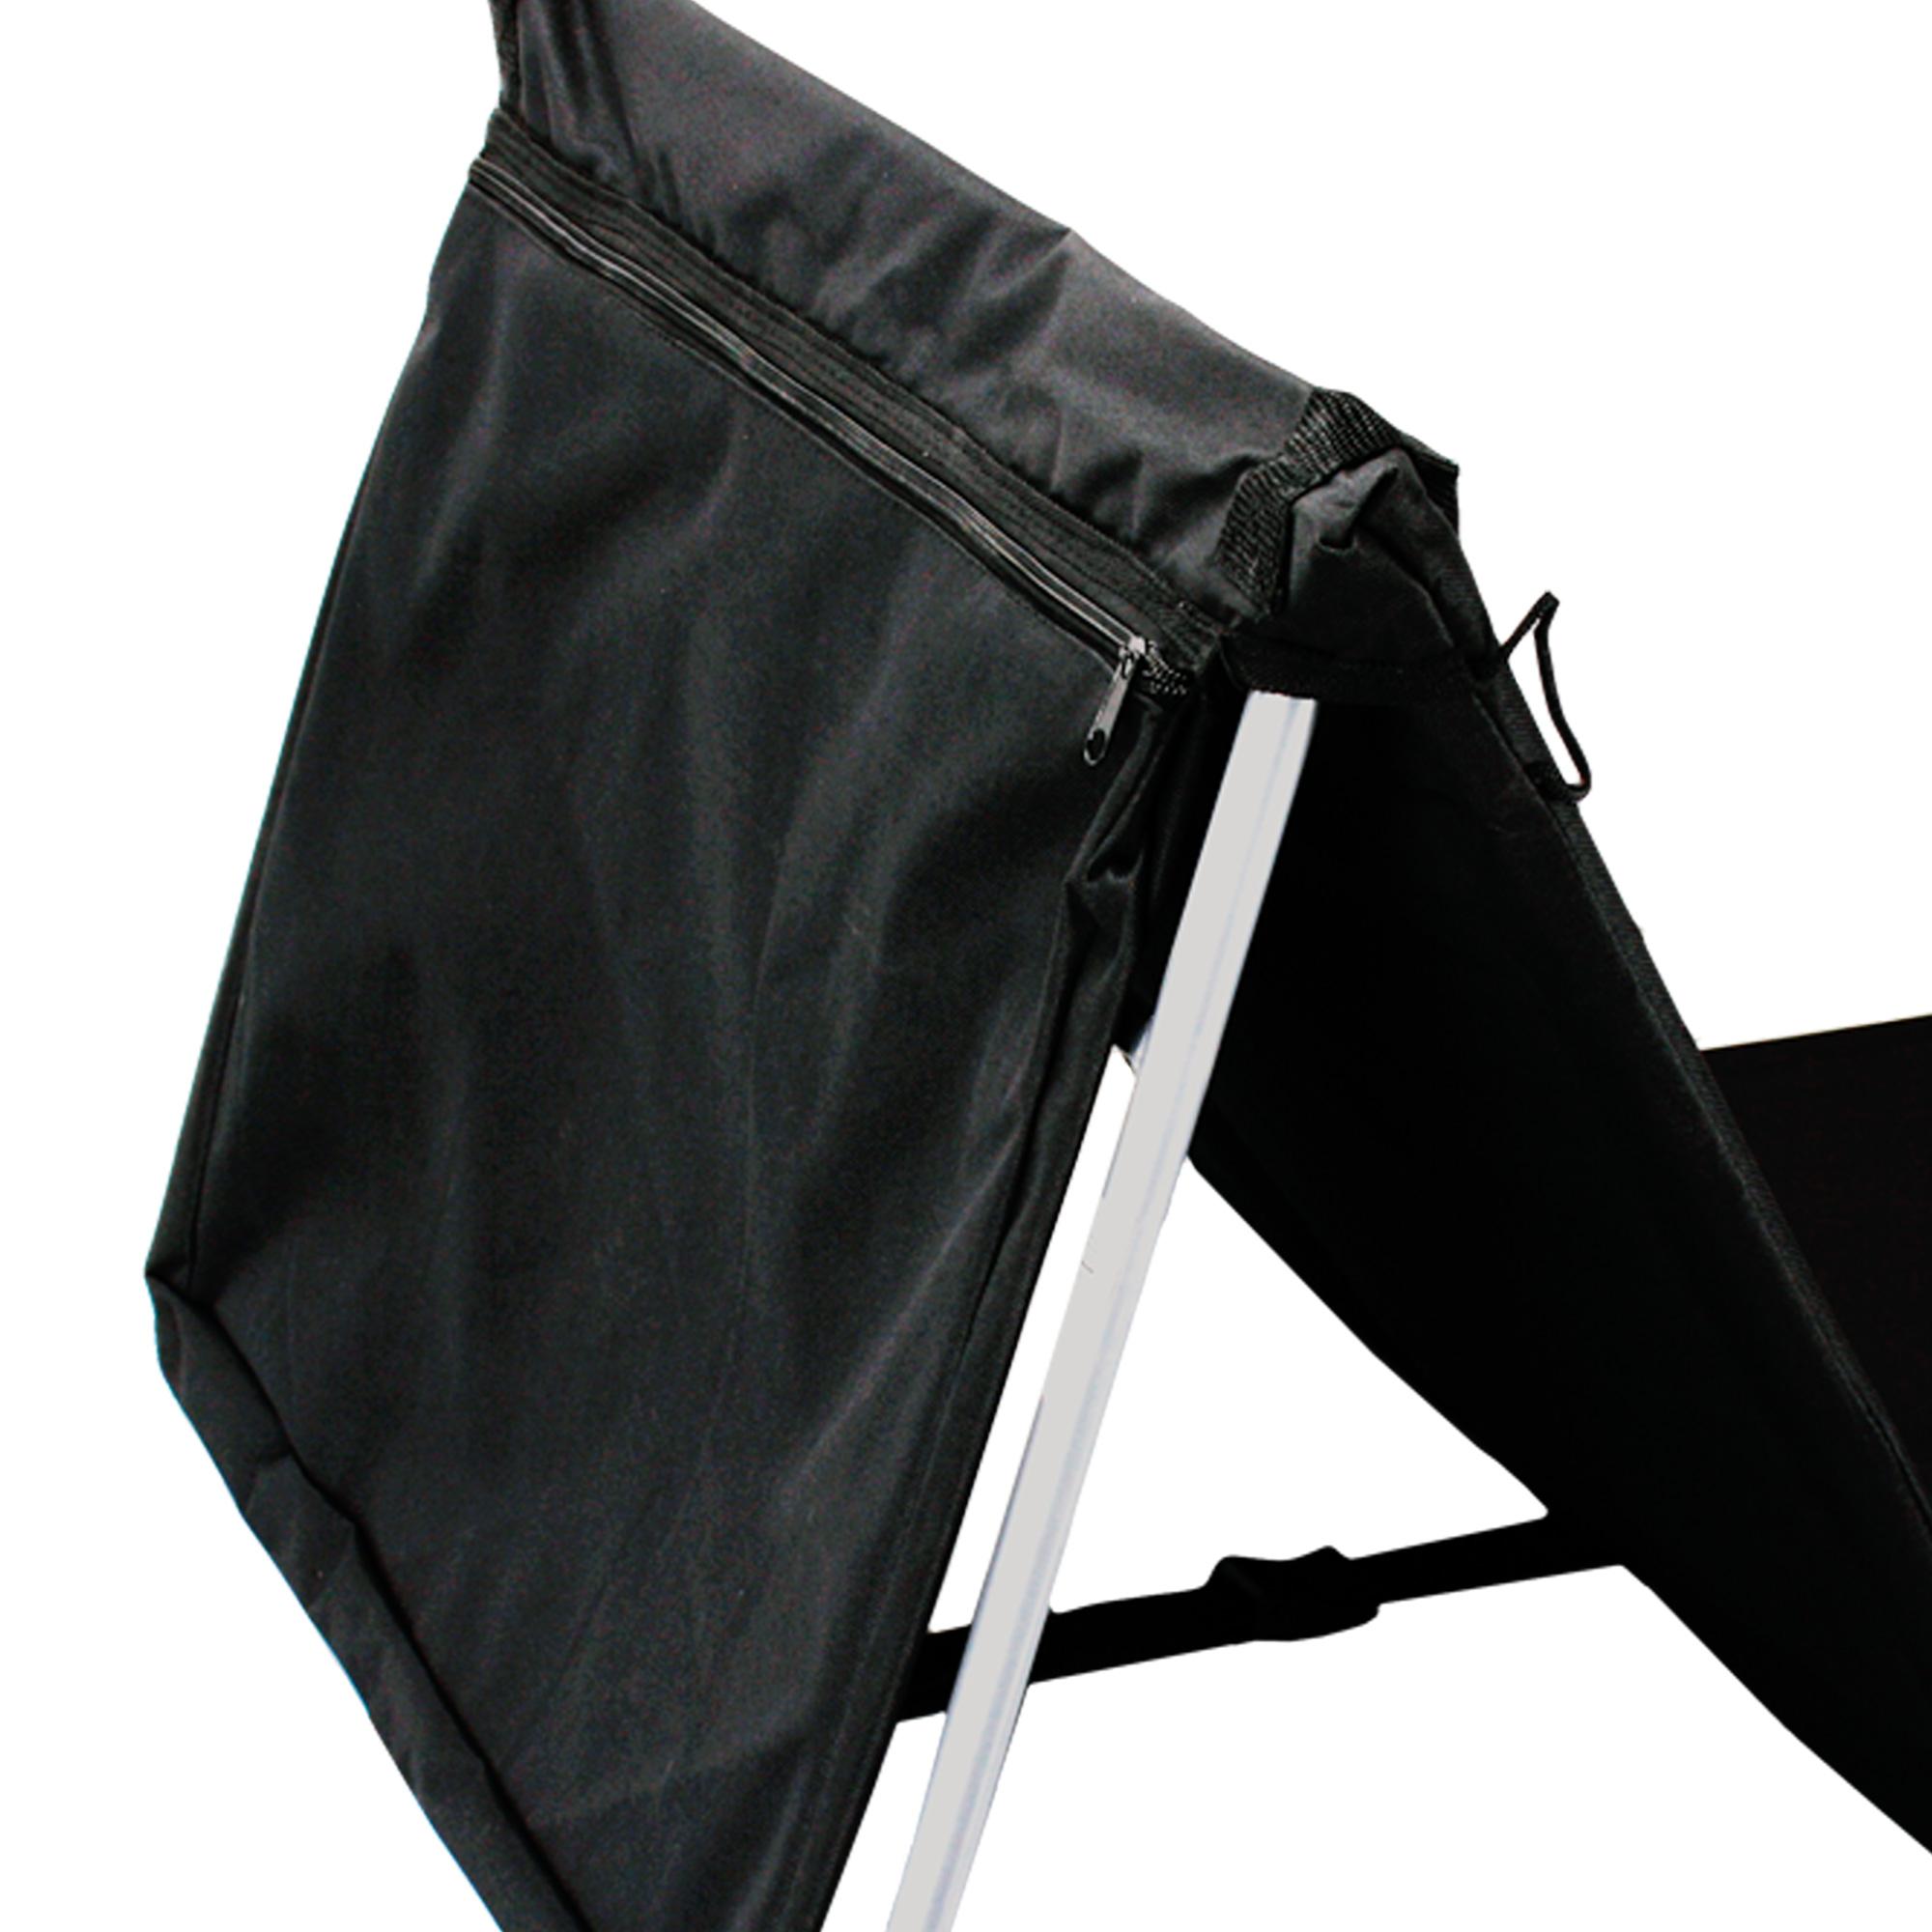 pliable chaise de plage natte longue pliante tapis pelouse ext rieur noir vip ebay. Black Bedroom Furniture Sets. Home Design Ideas